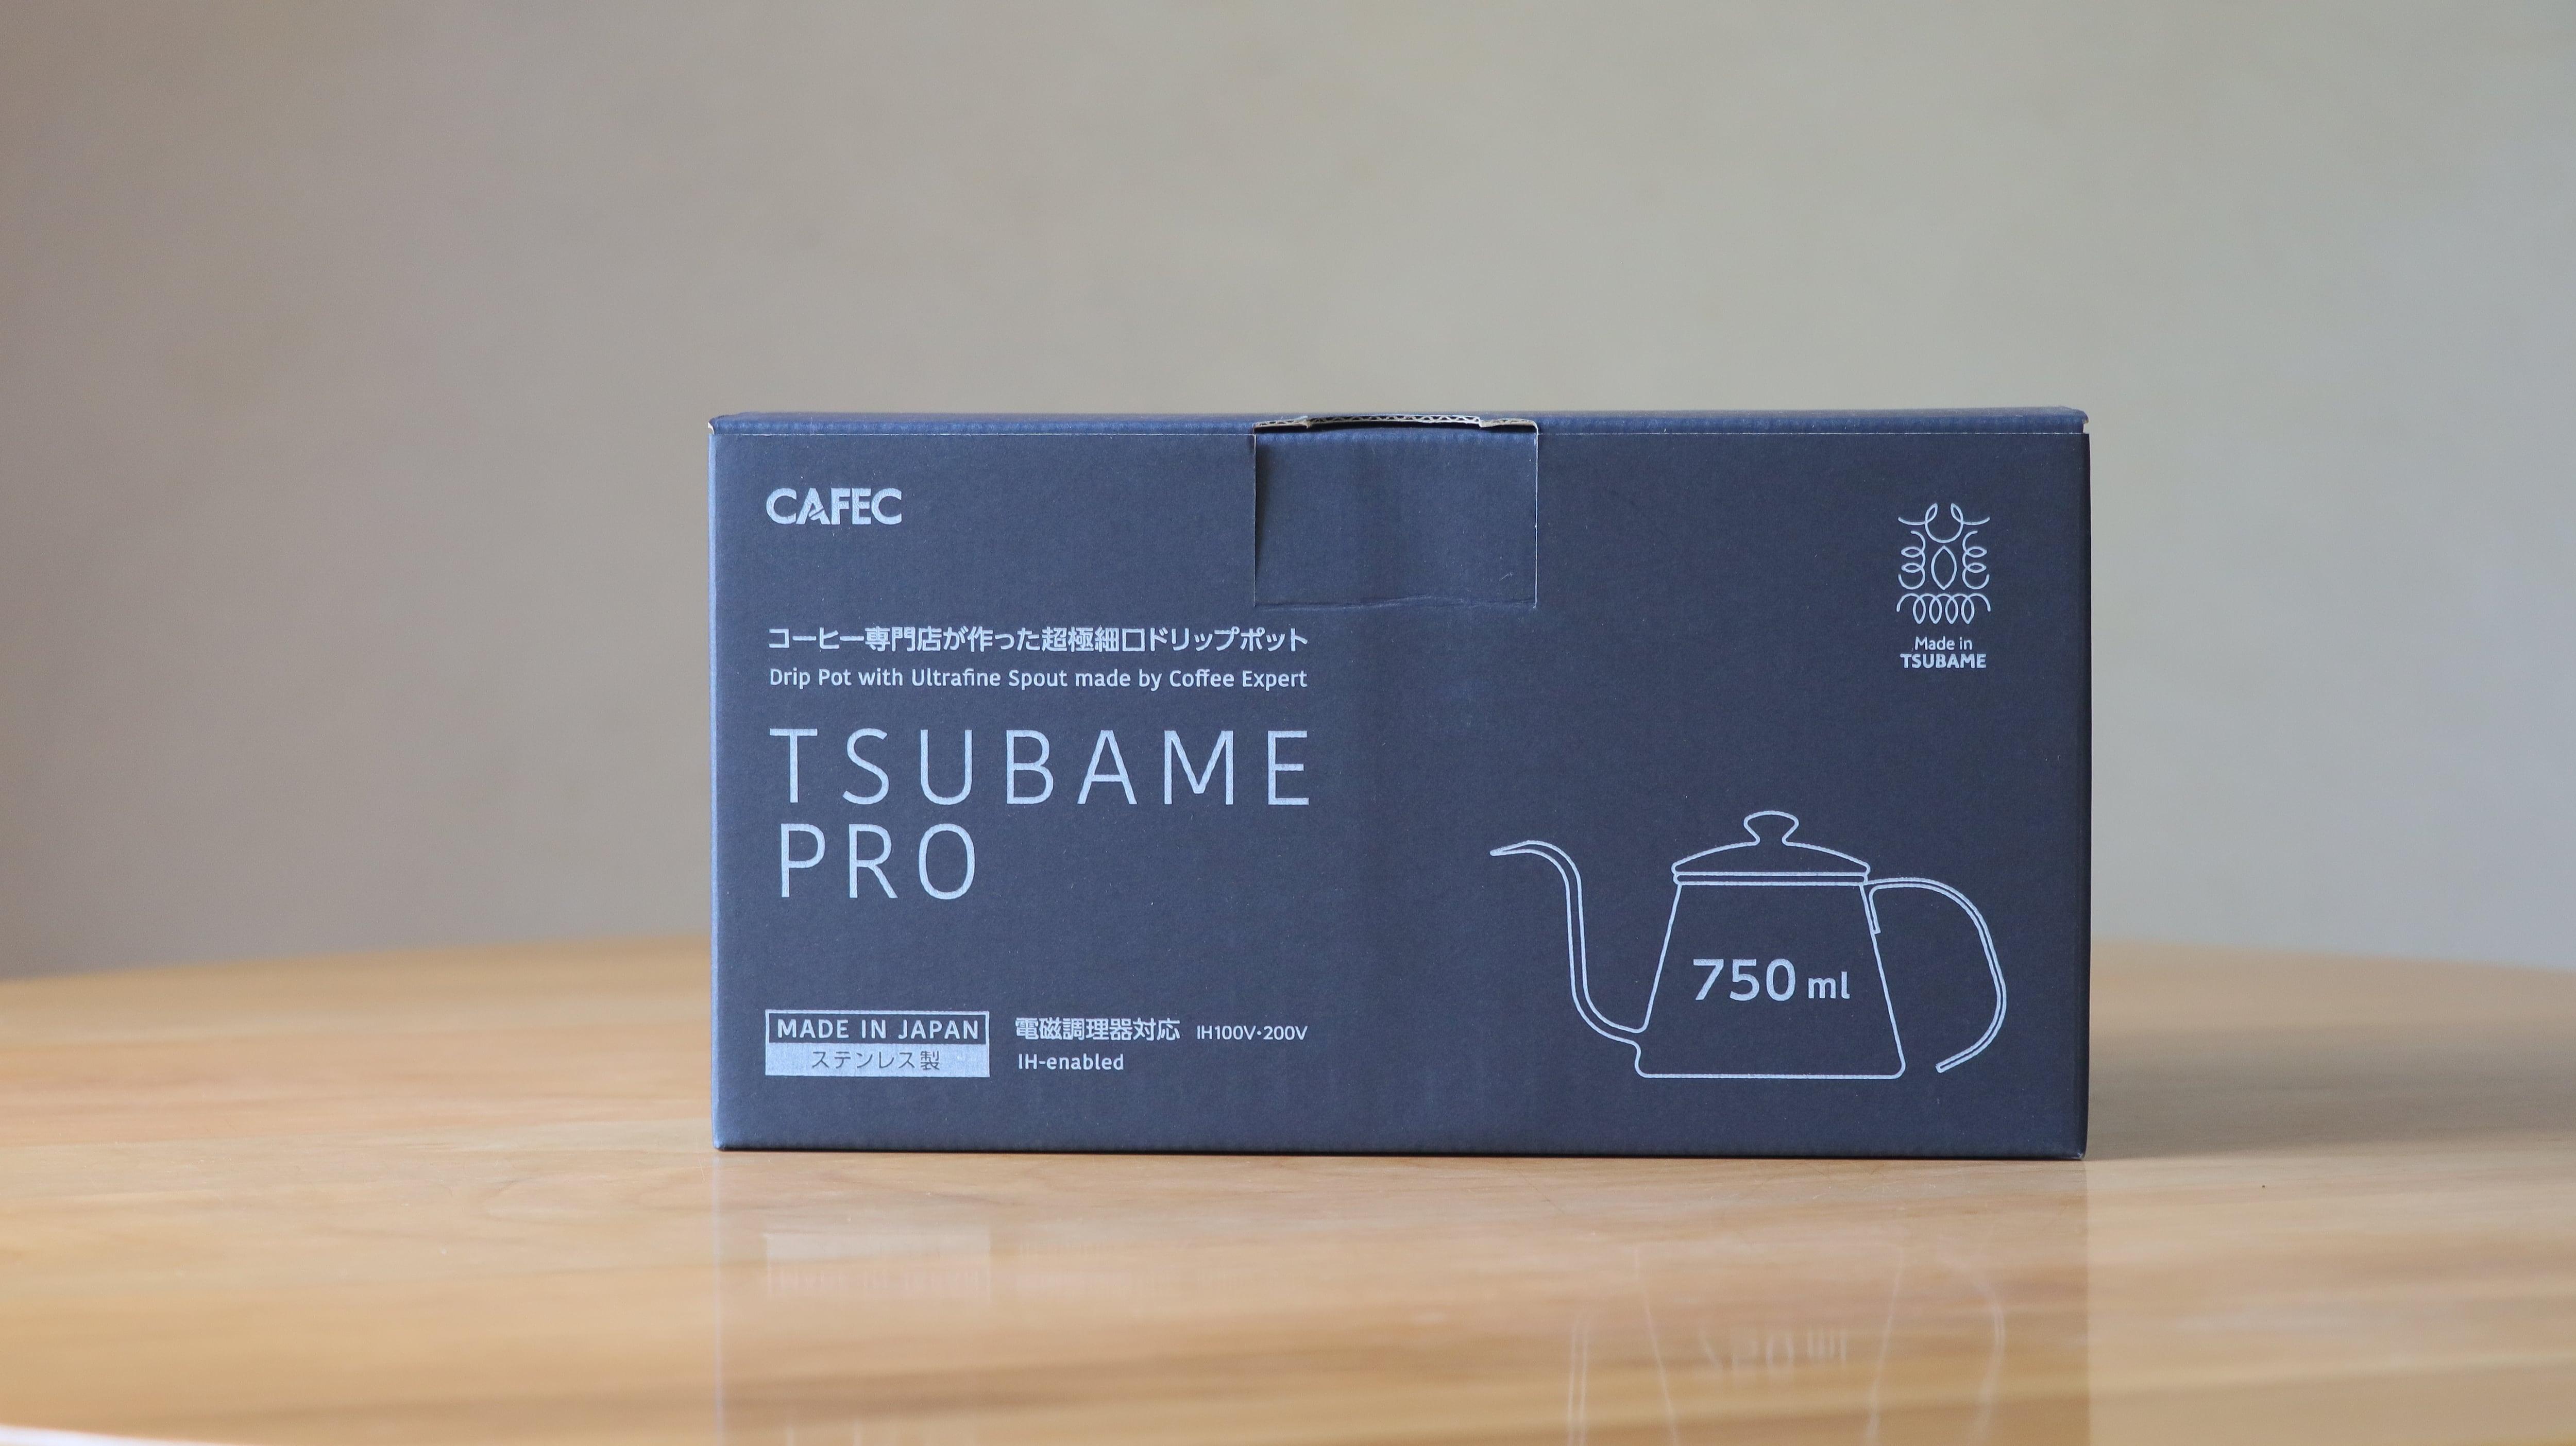 【超細口ドリップポット】ツバメプロ TSUBAME PRO 750ml (CAFEC)